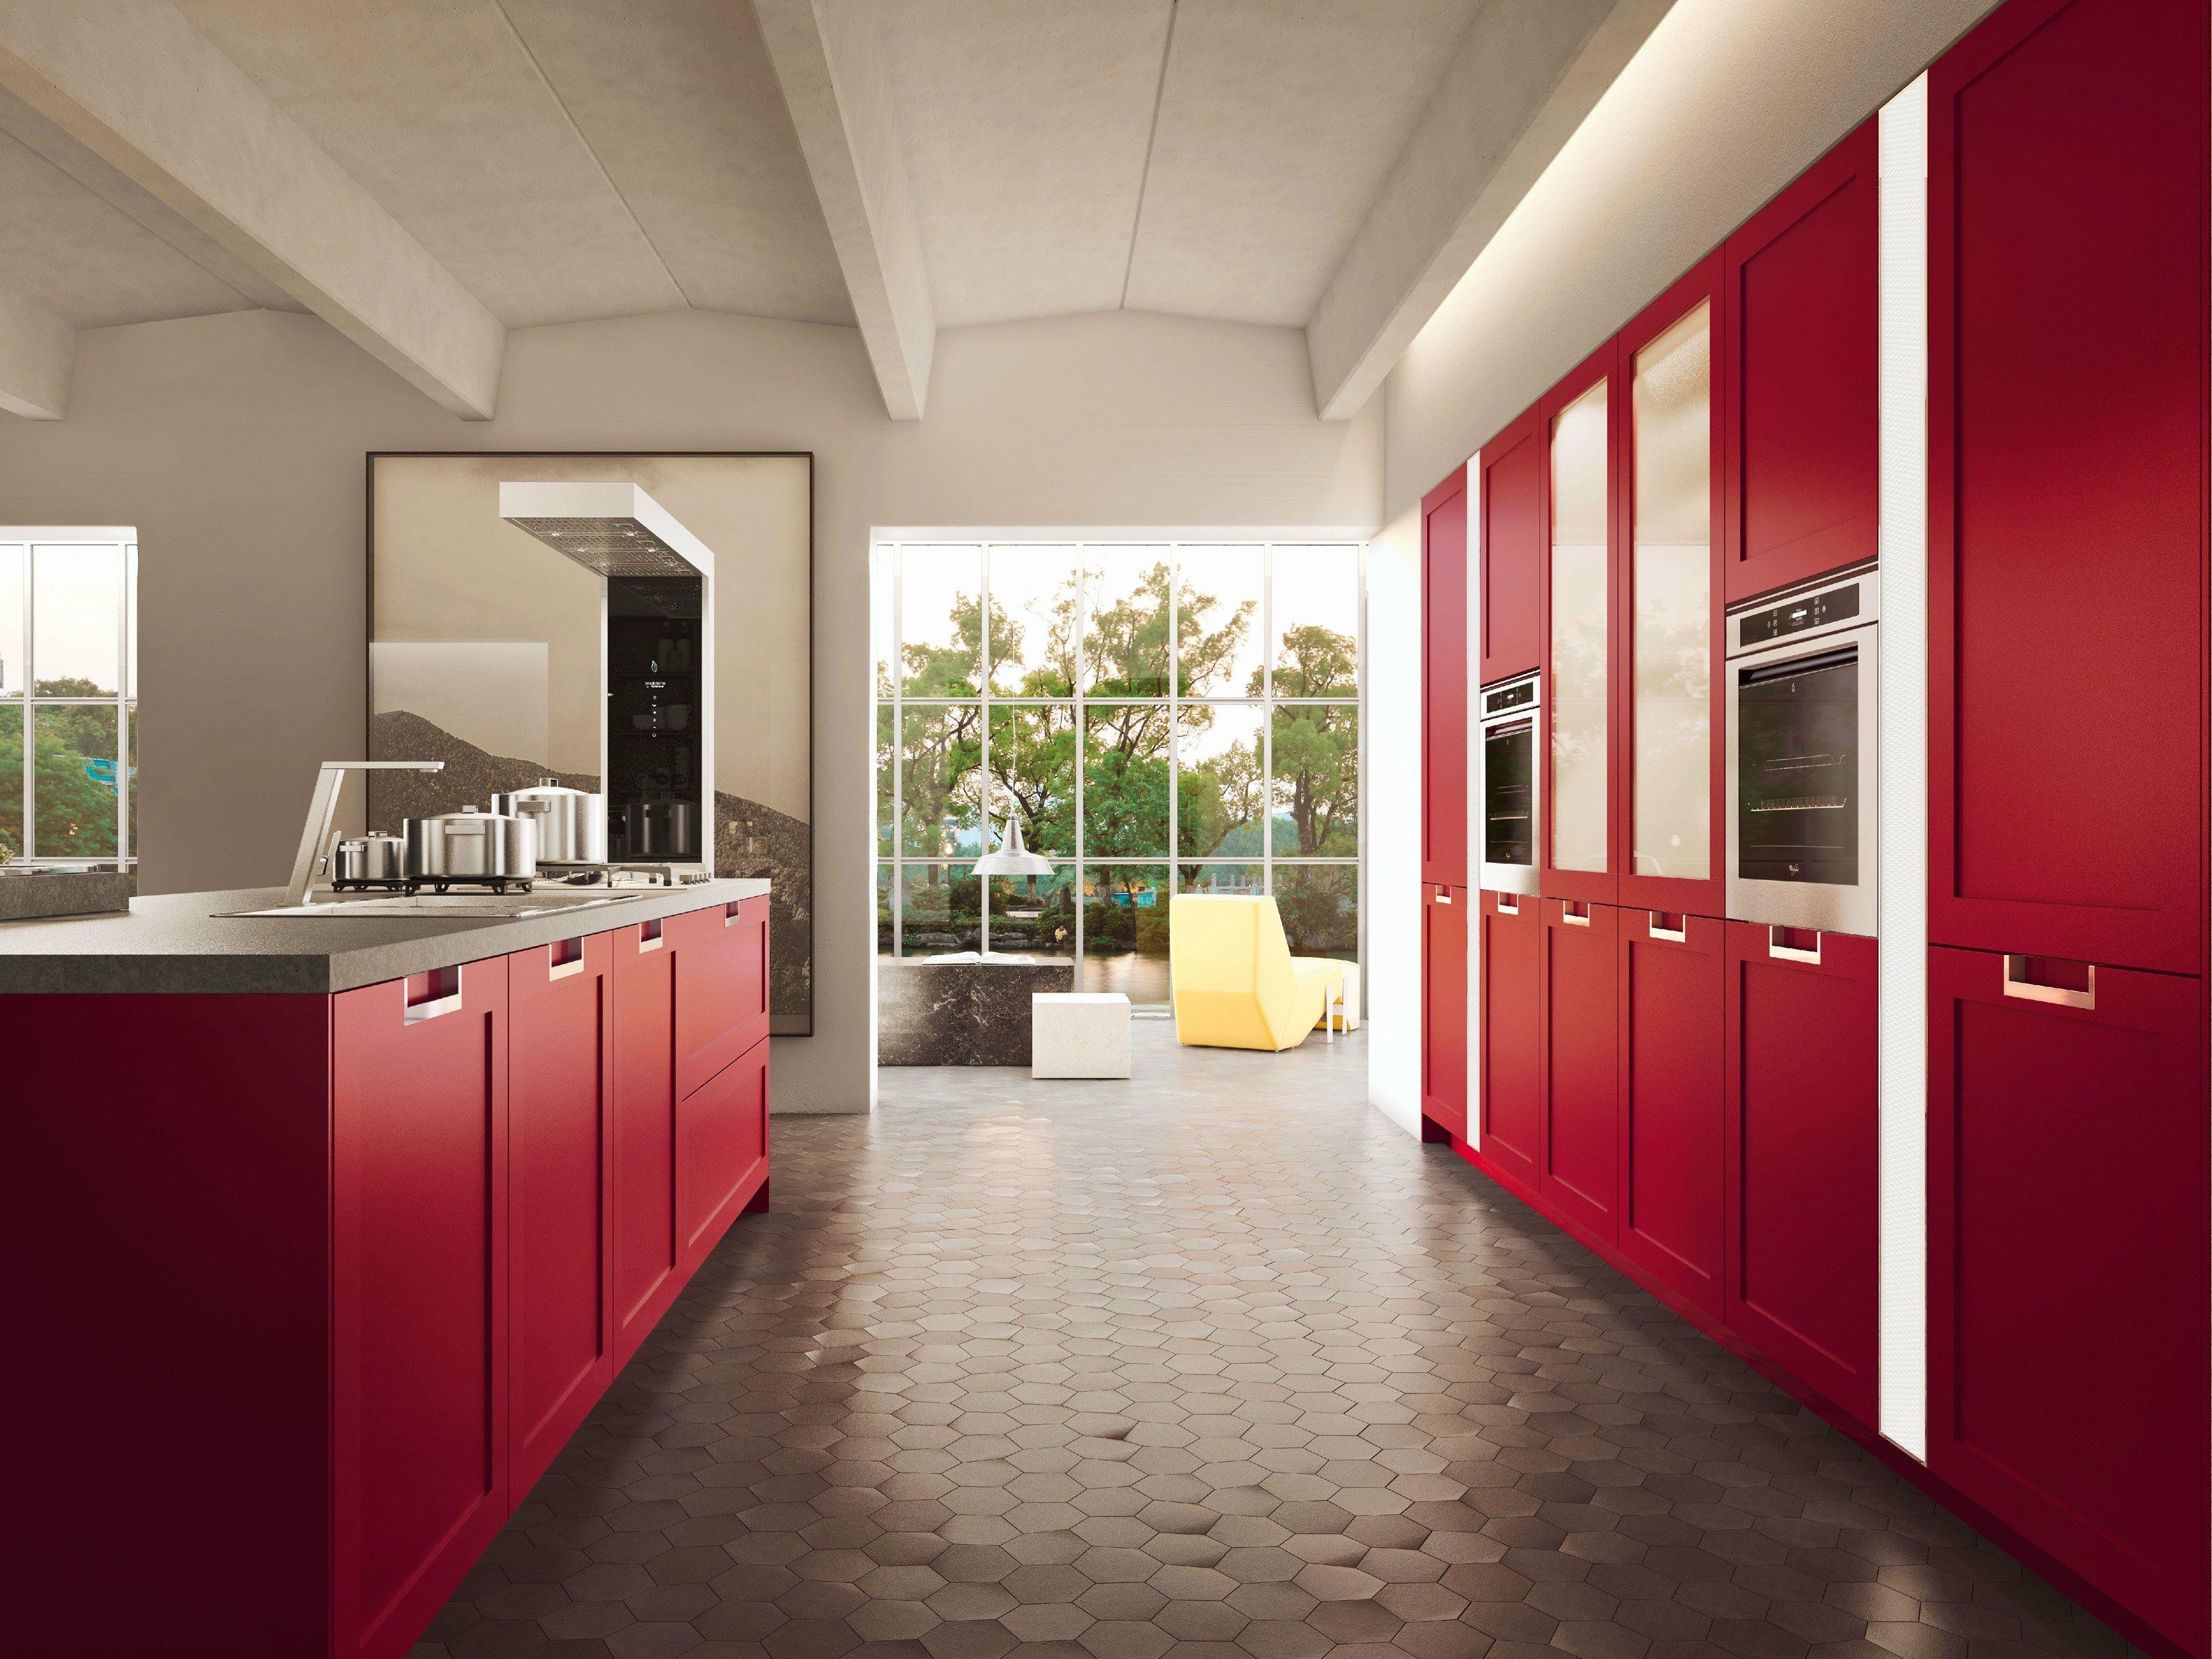 Lux classic cucina con isola collezione sistema by snaidero design pietro arosio - Mobili snaidero majano ...